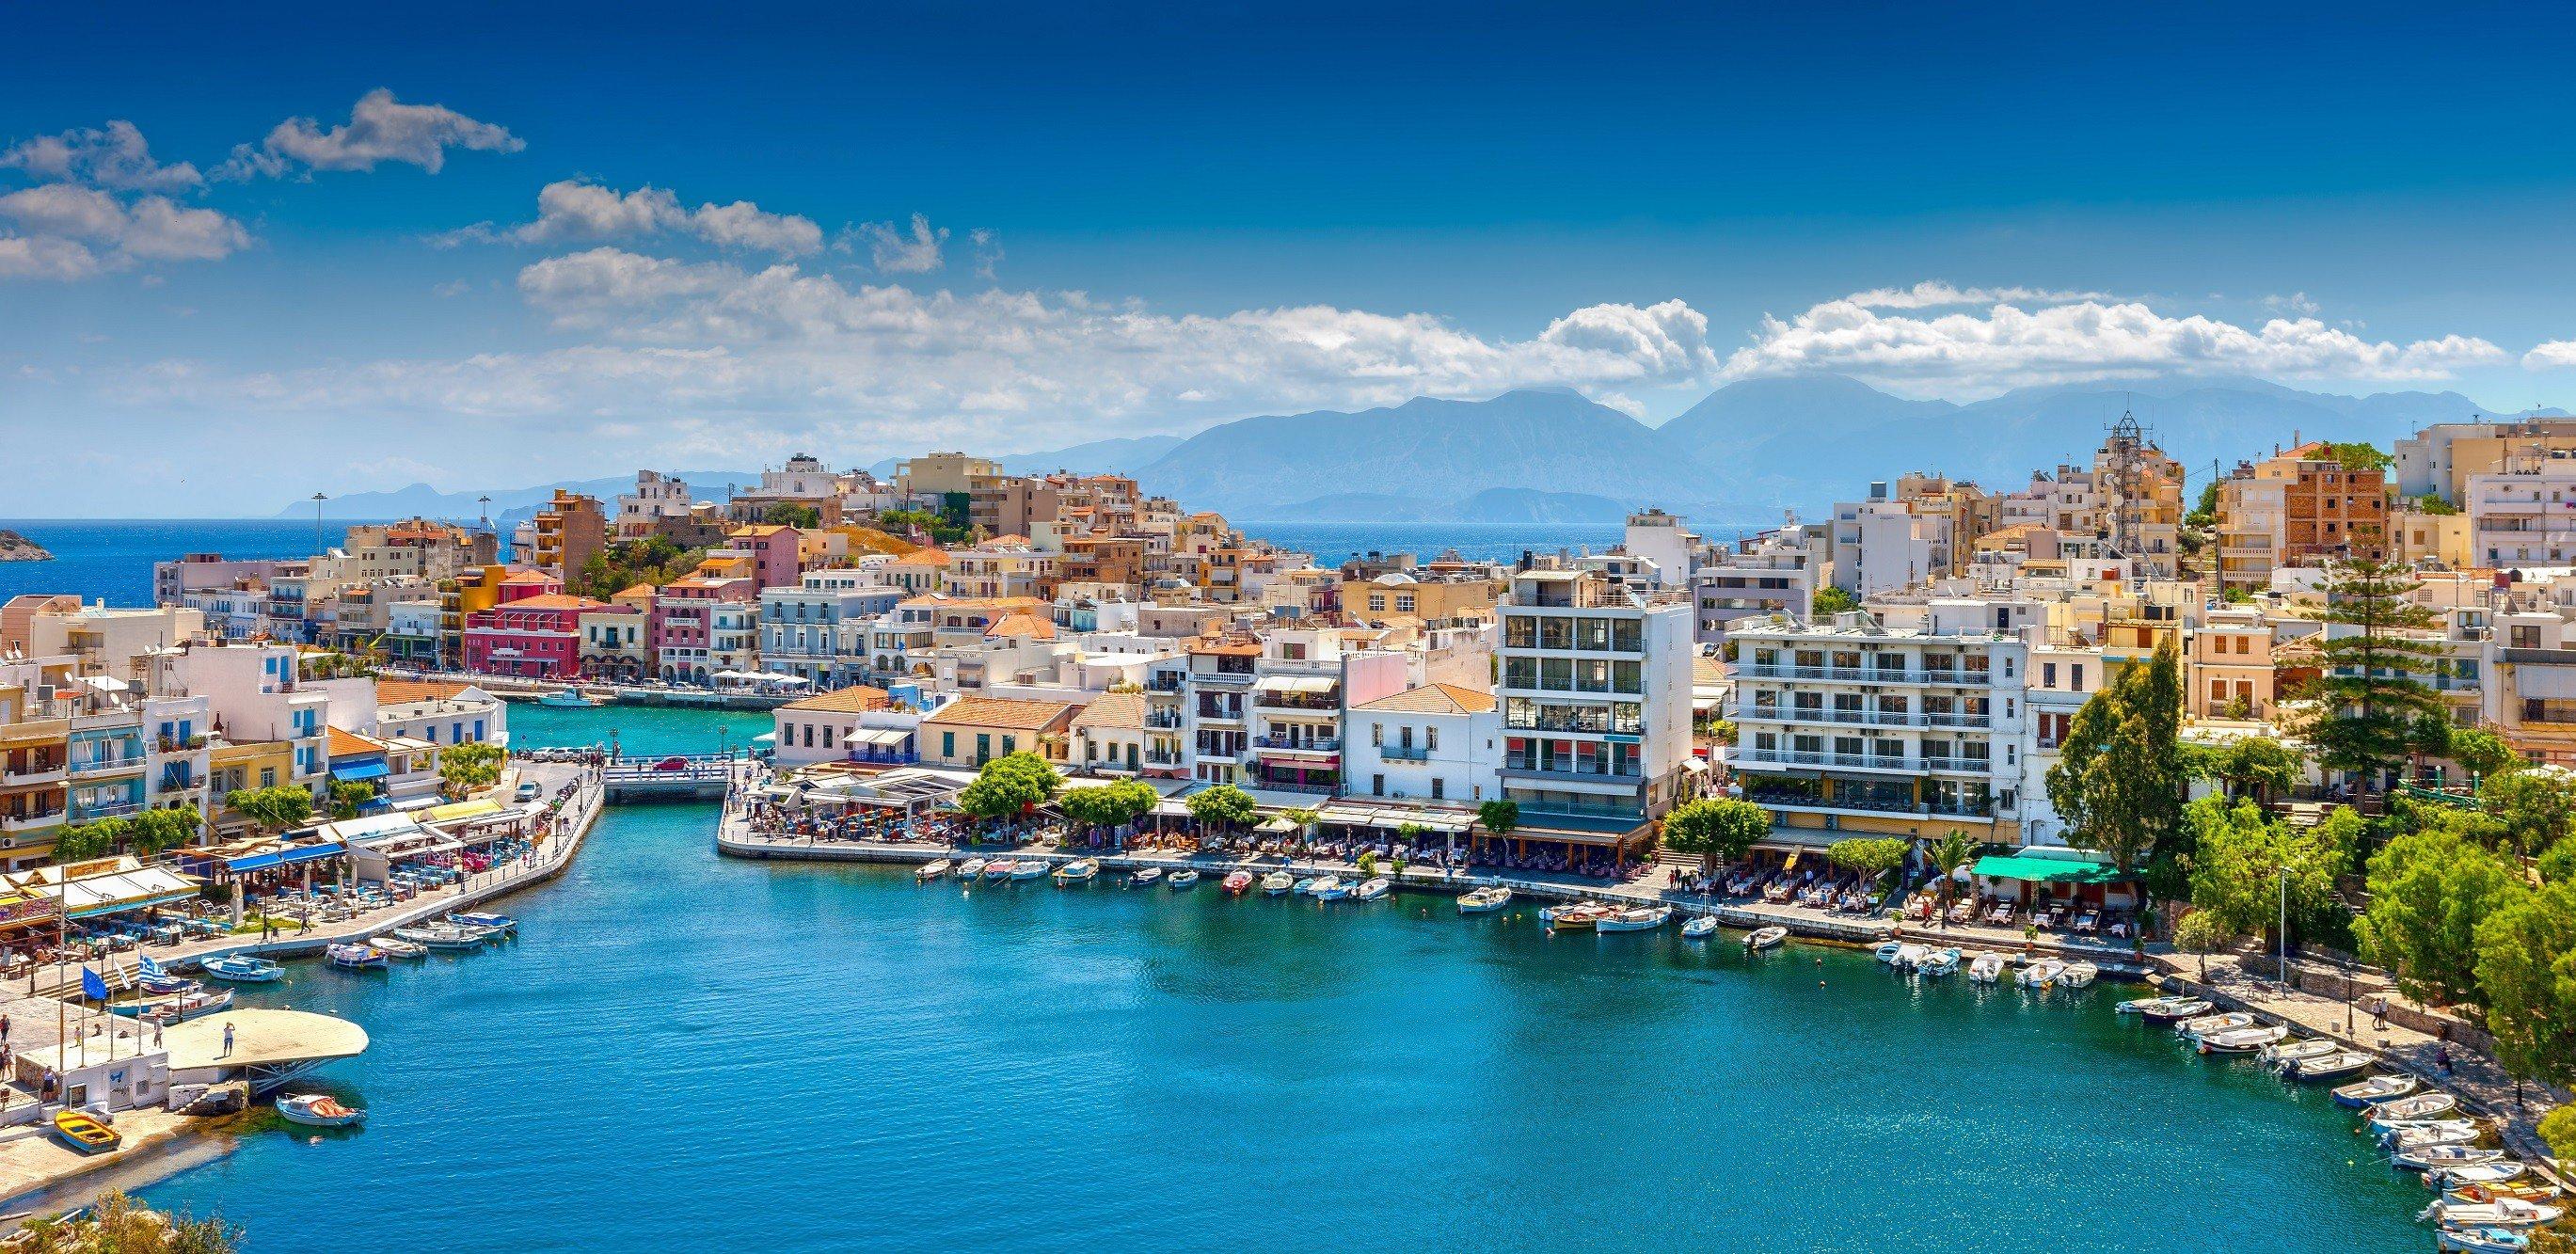 Dagaanbieding - 6, 8, 10 of 15 dagen genieten in een appartement op het zonnige Kreta o.b.v. all-inclusive dagelijkse koopjes